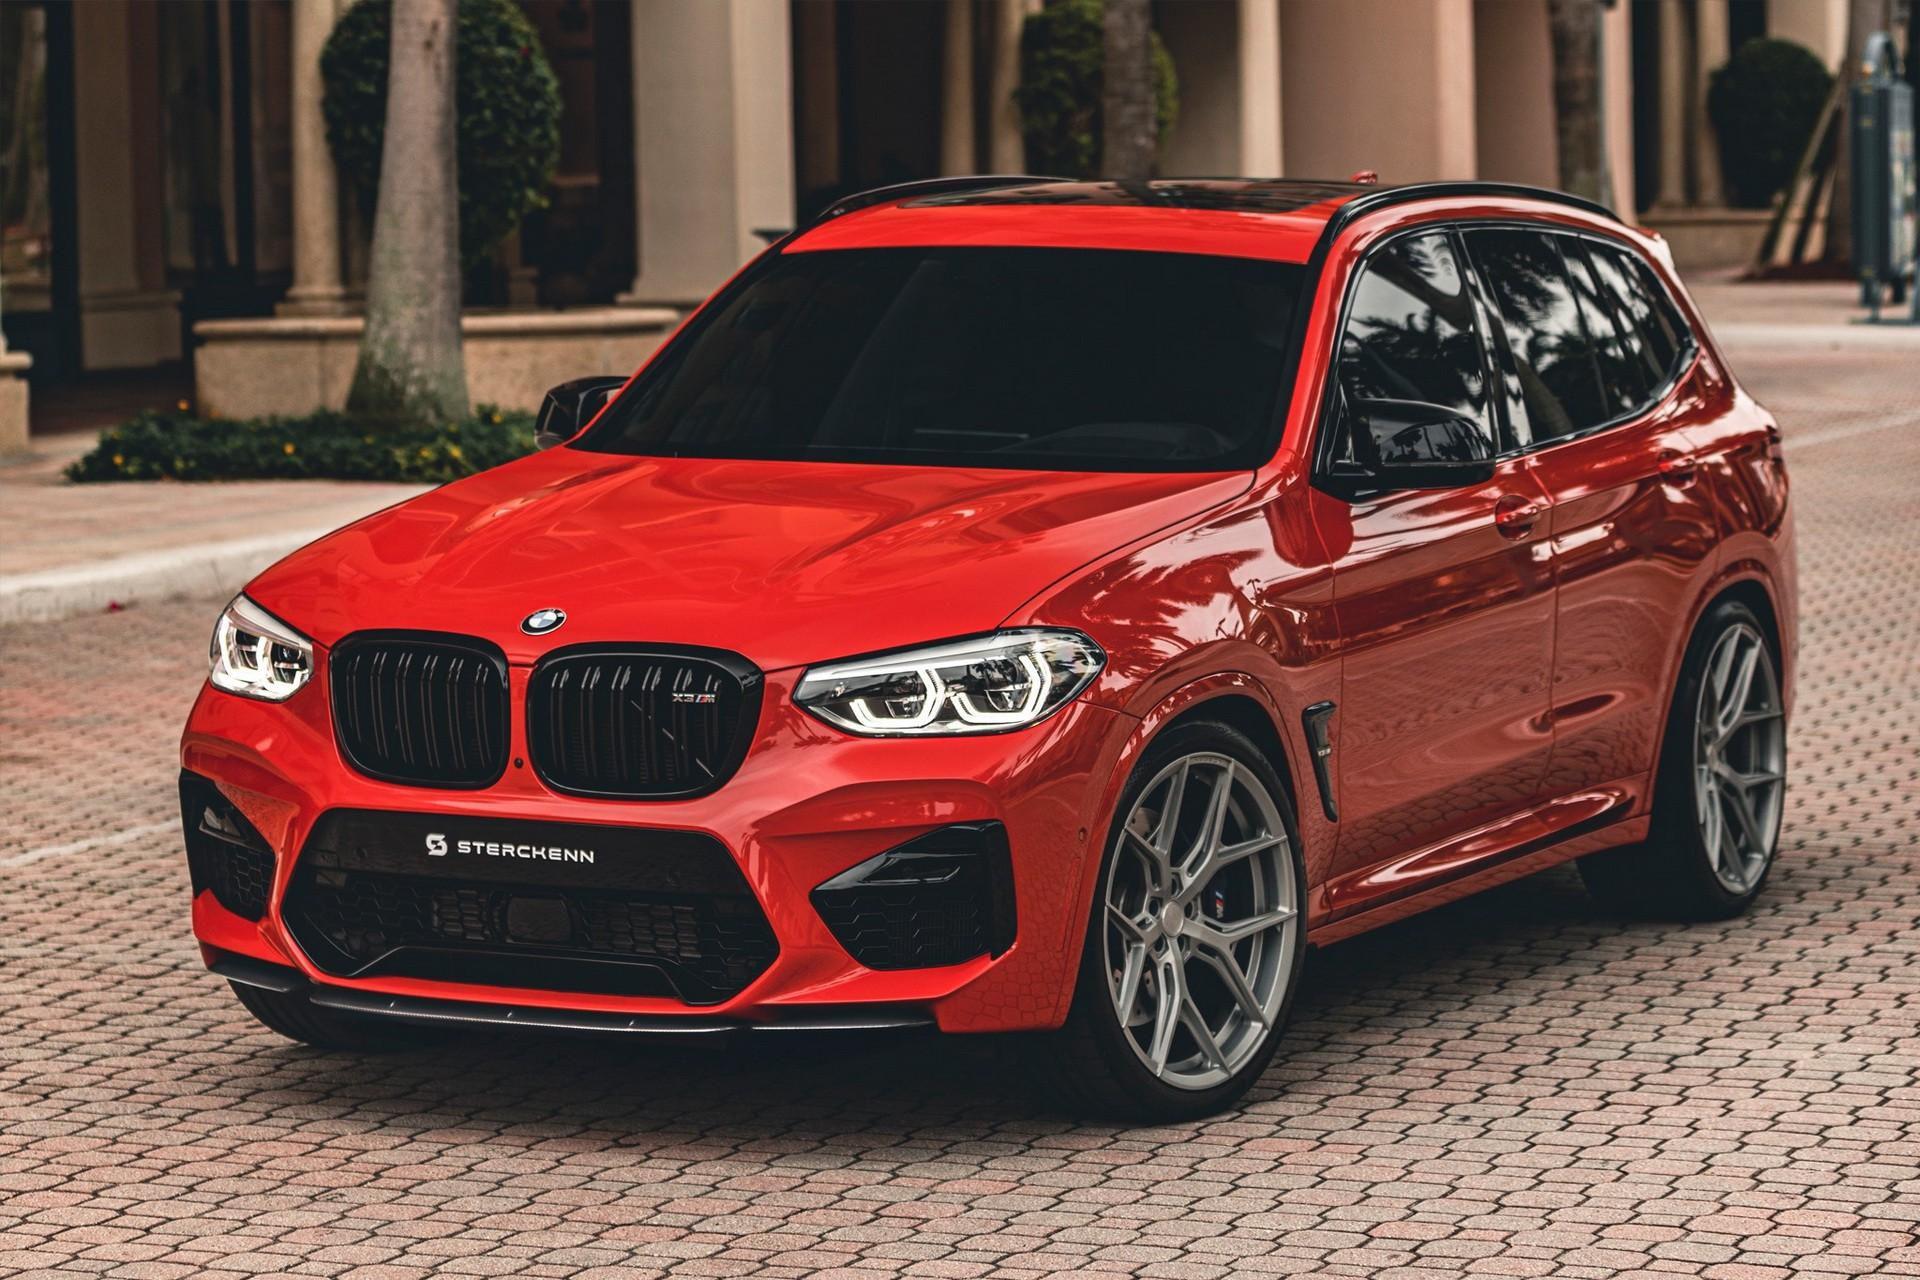 BMW X3 M được Sterckenn cập nhật nhẹ Ảnh 4